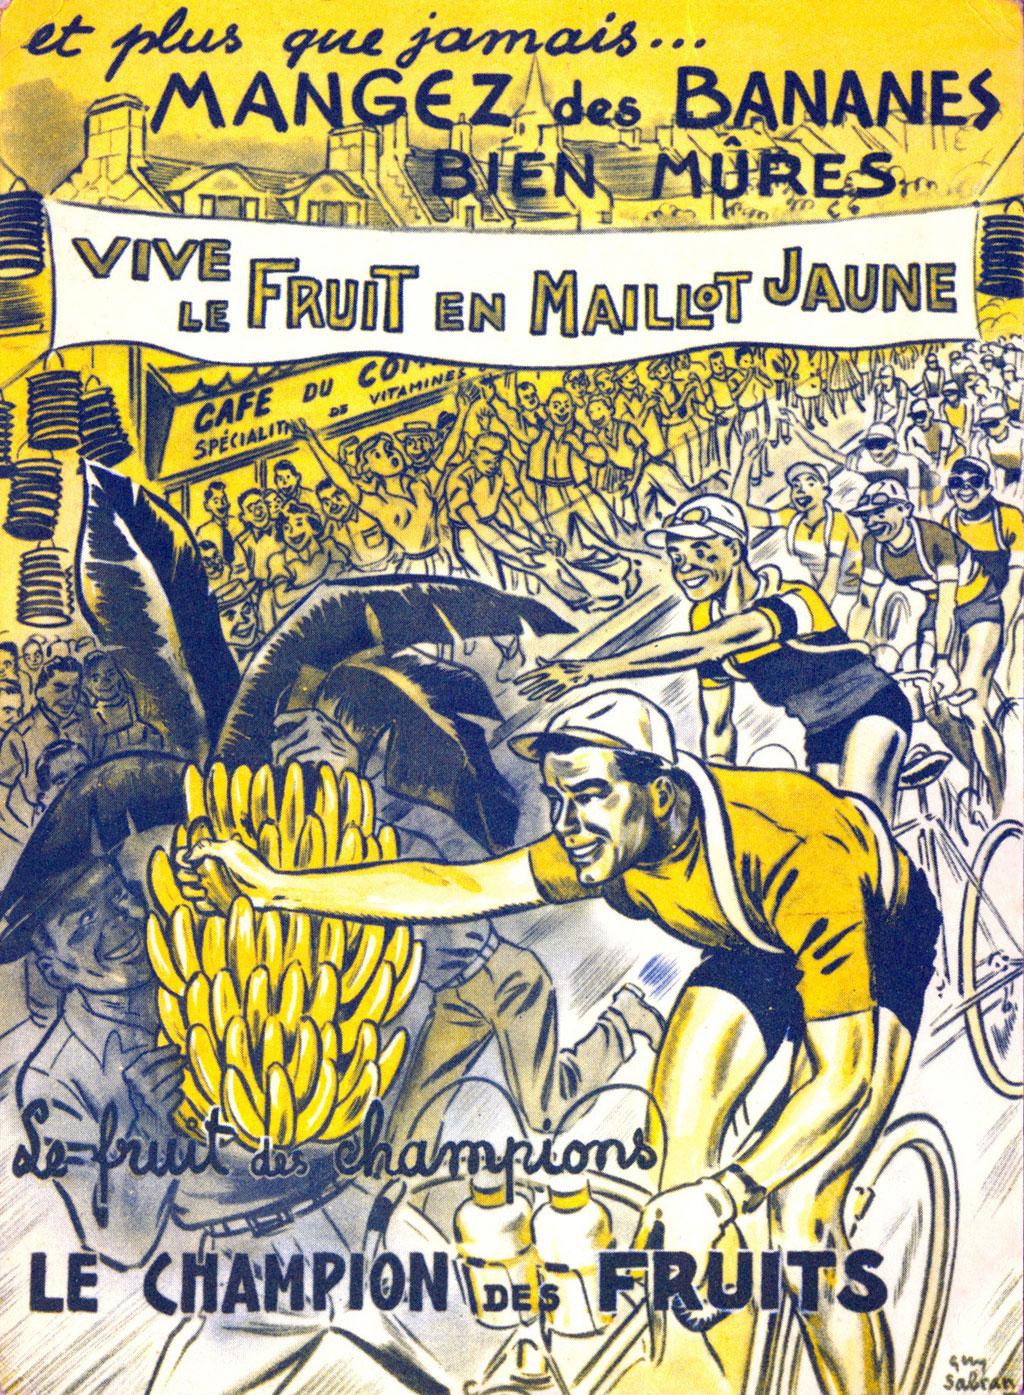 Publicité banane tour de France